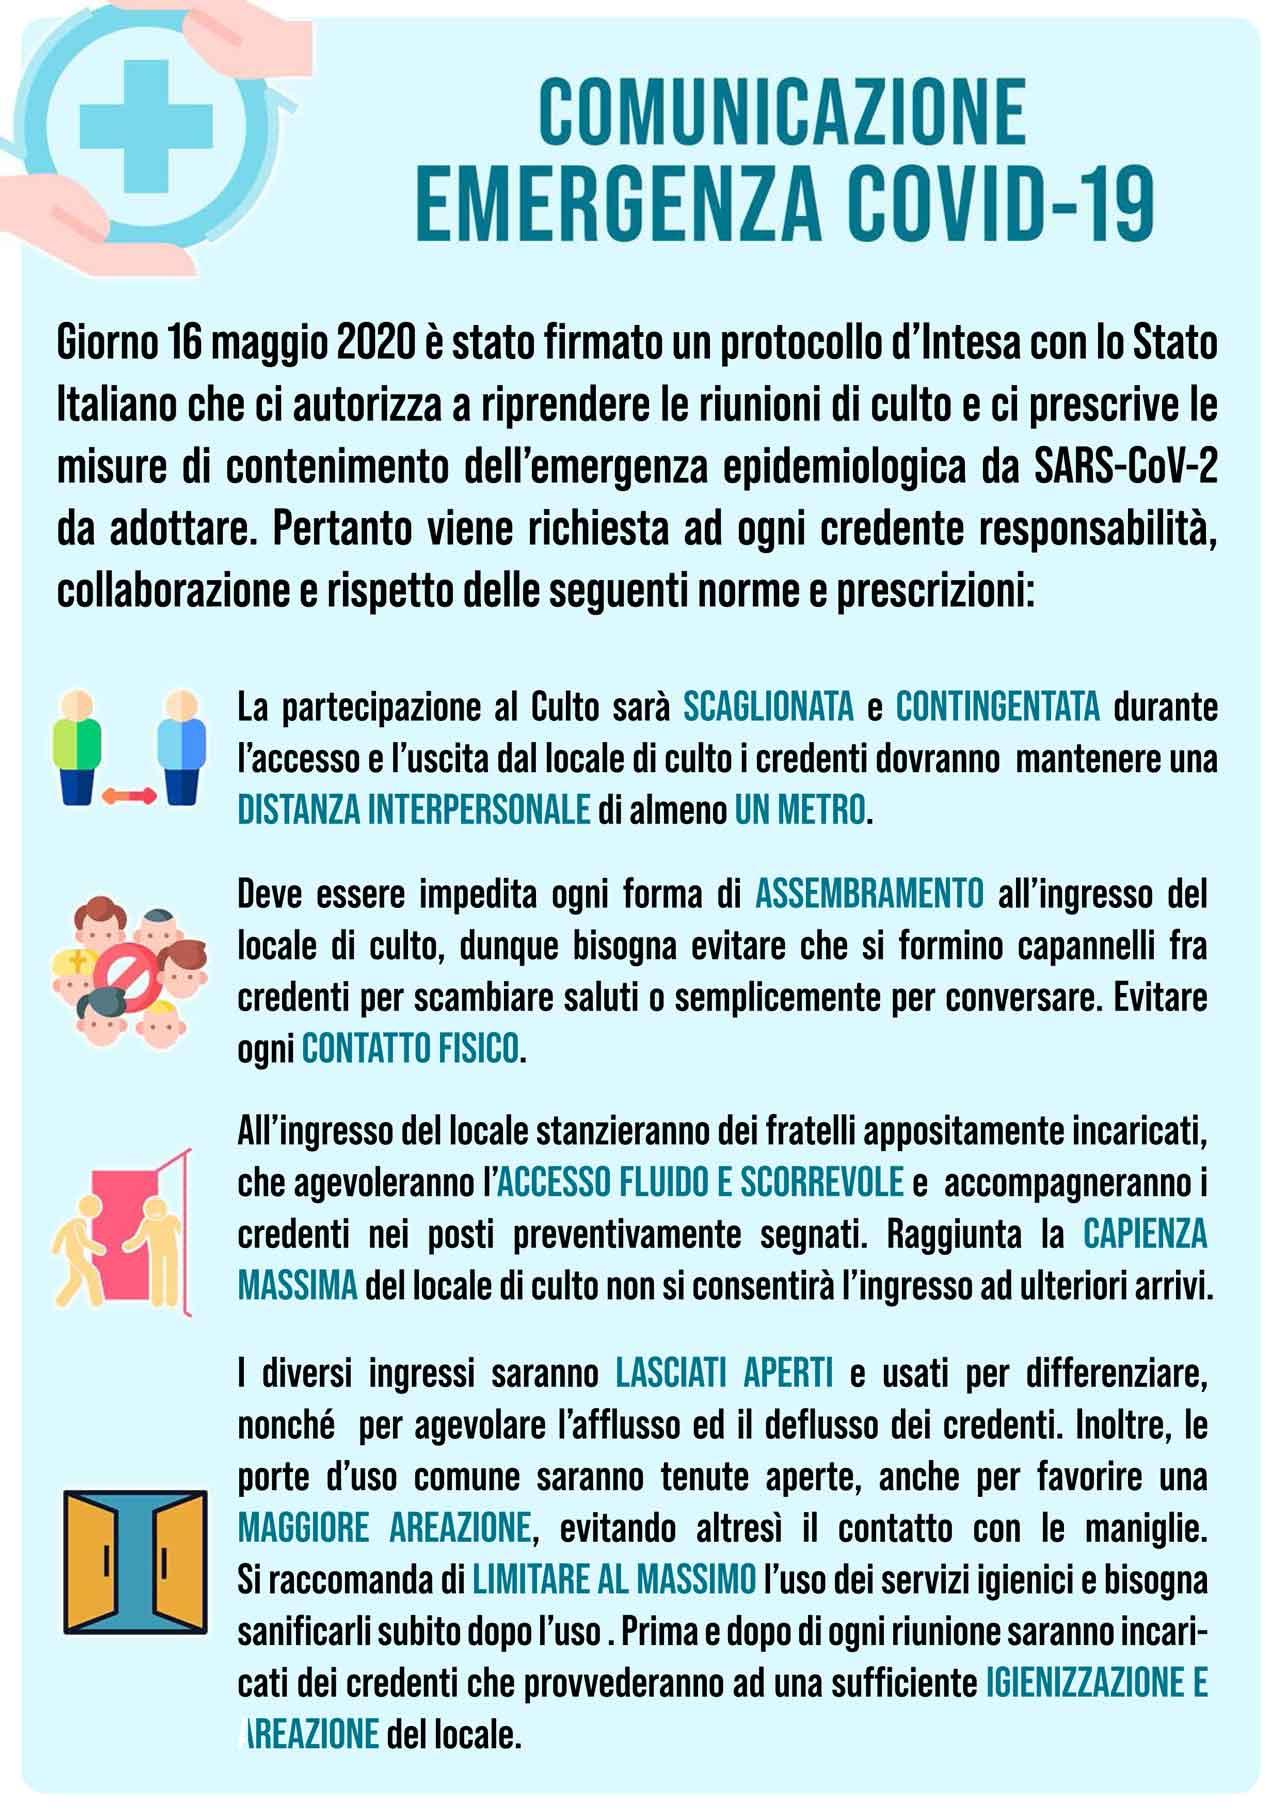 regole-prevenzione_001